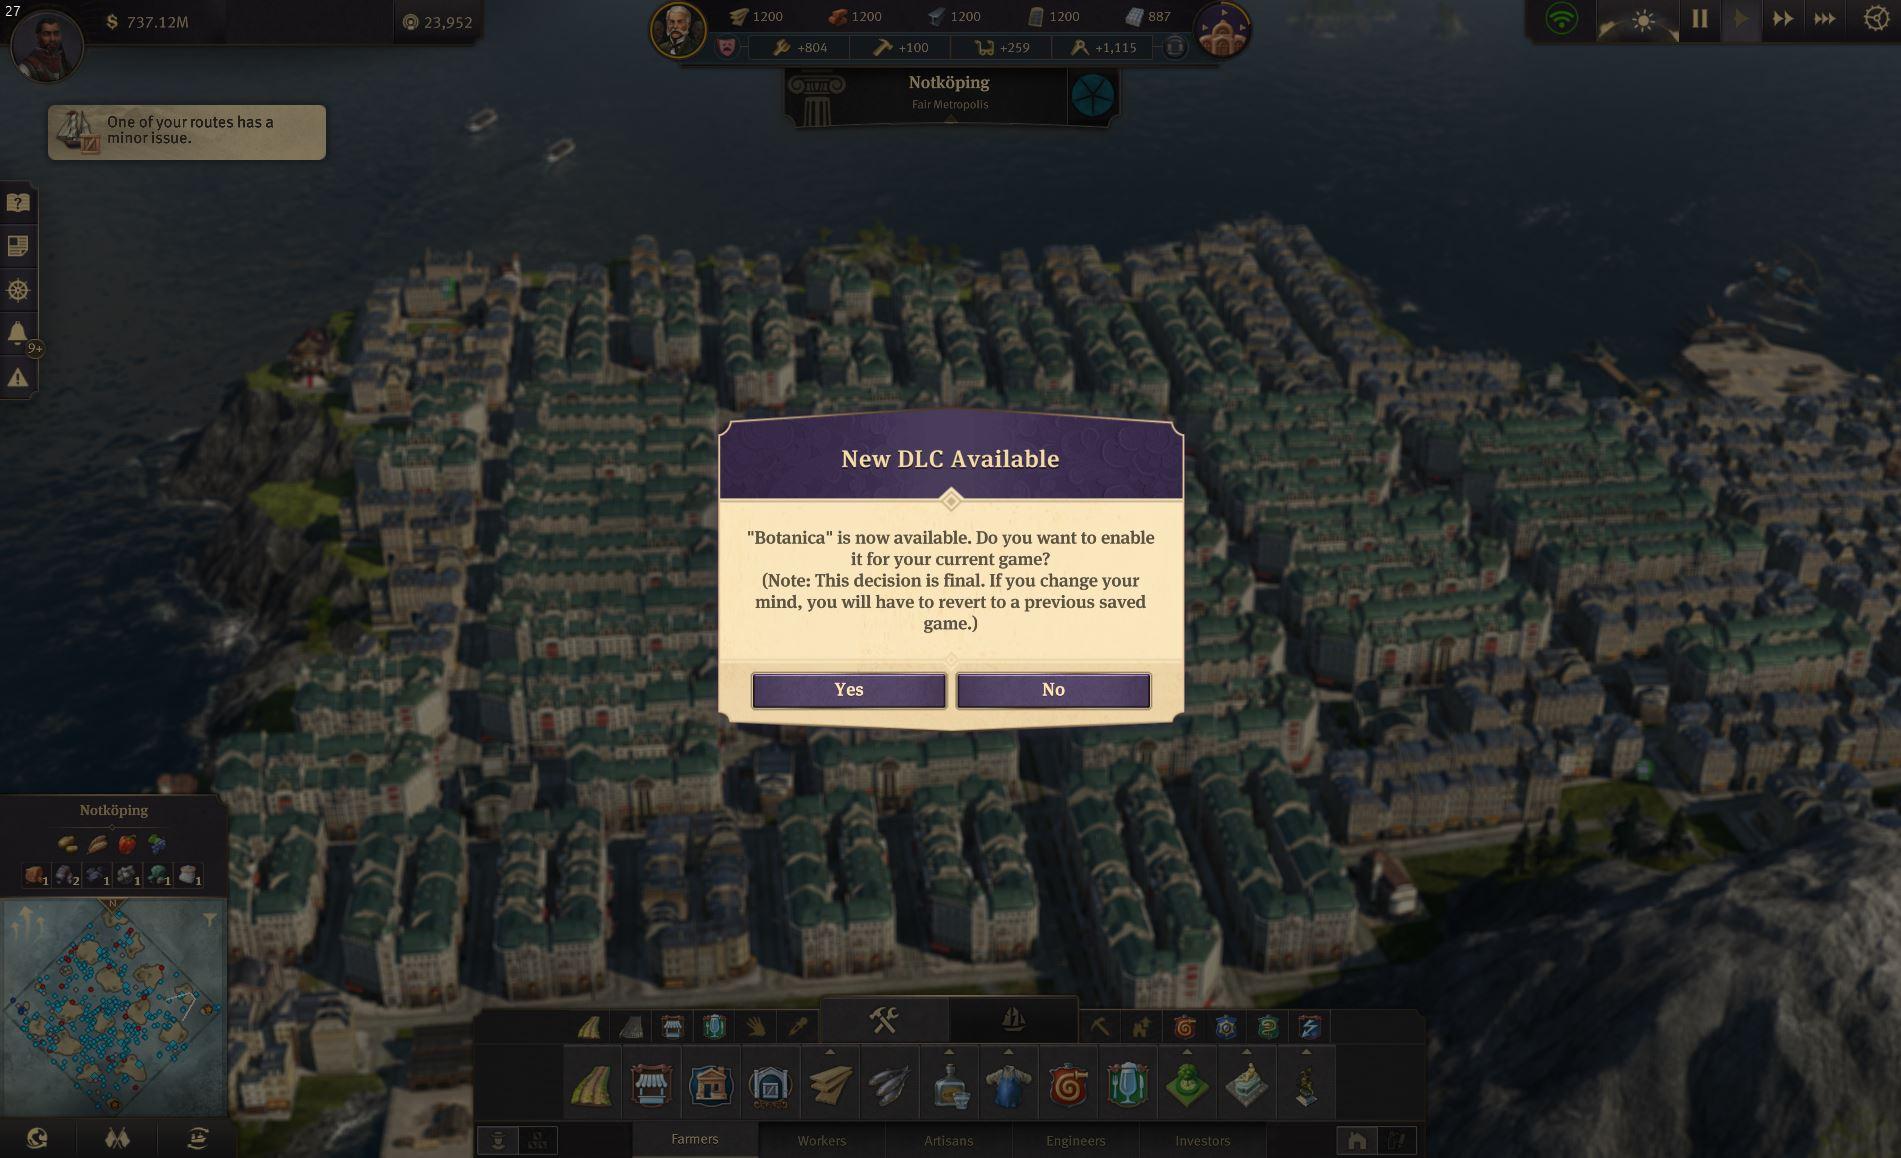 Anno 1800 Sunken Treasures DLC Import Prompt